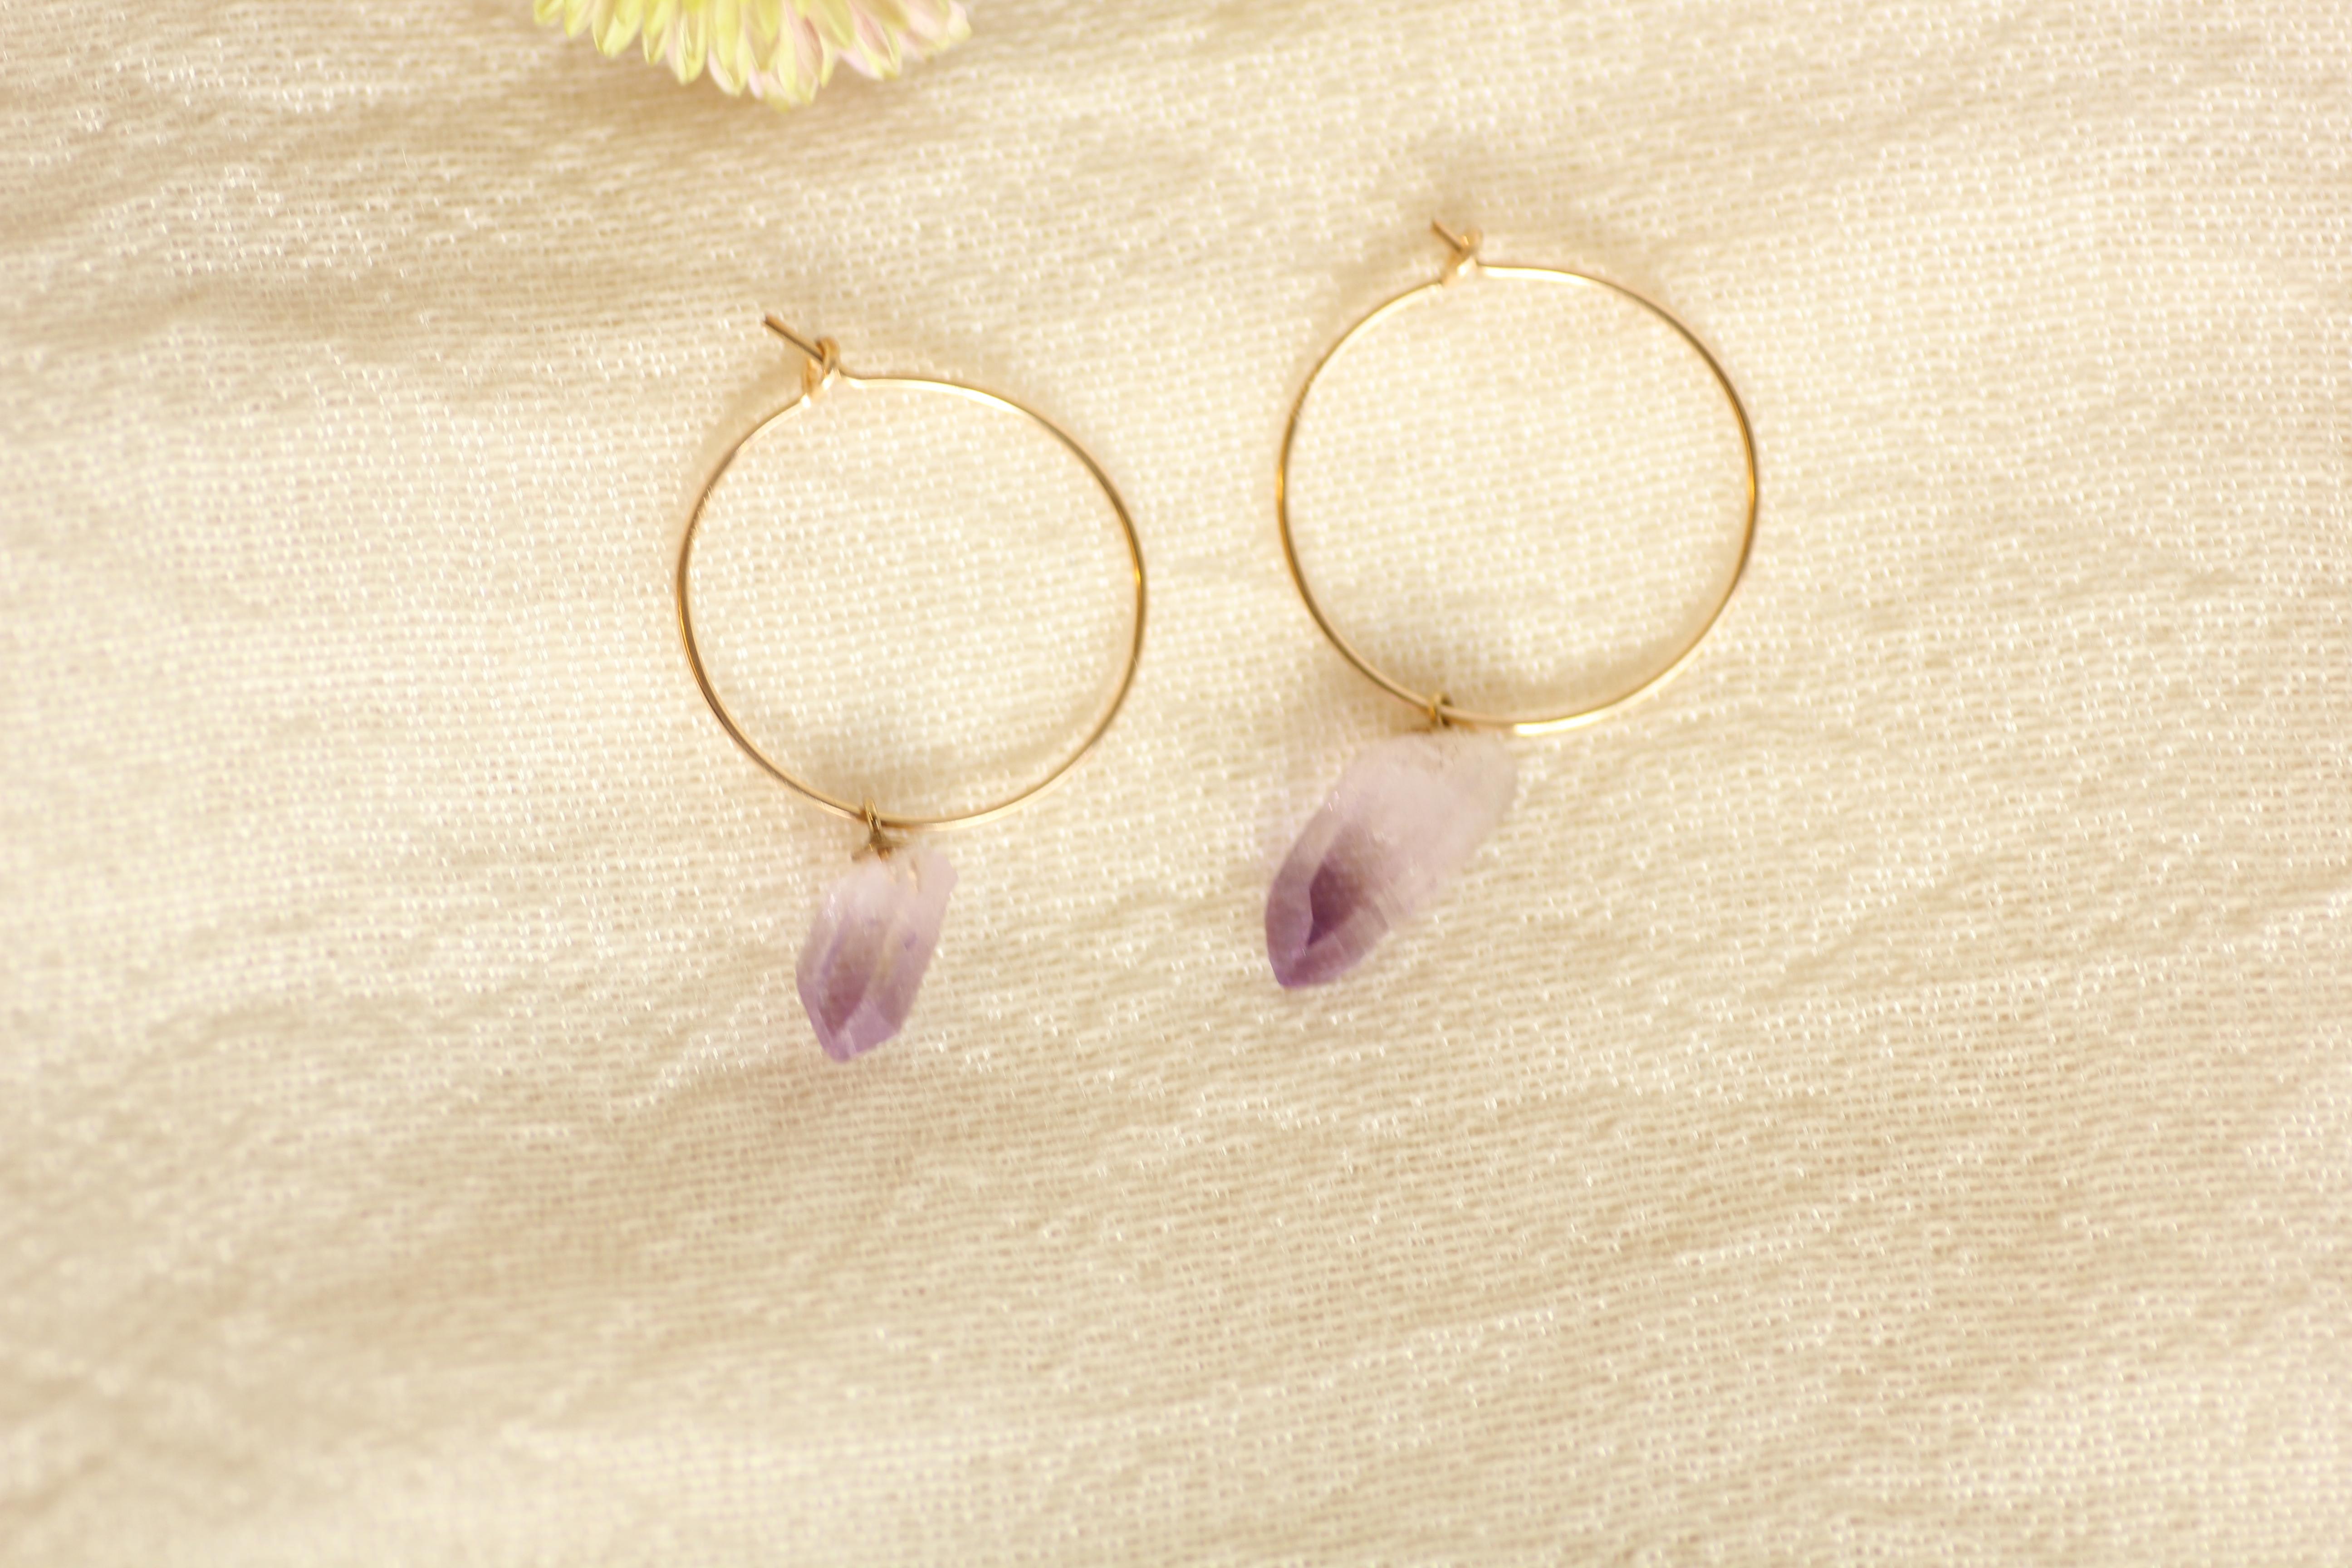 アメシスト(紫水晶)結晶ピアス